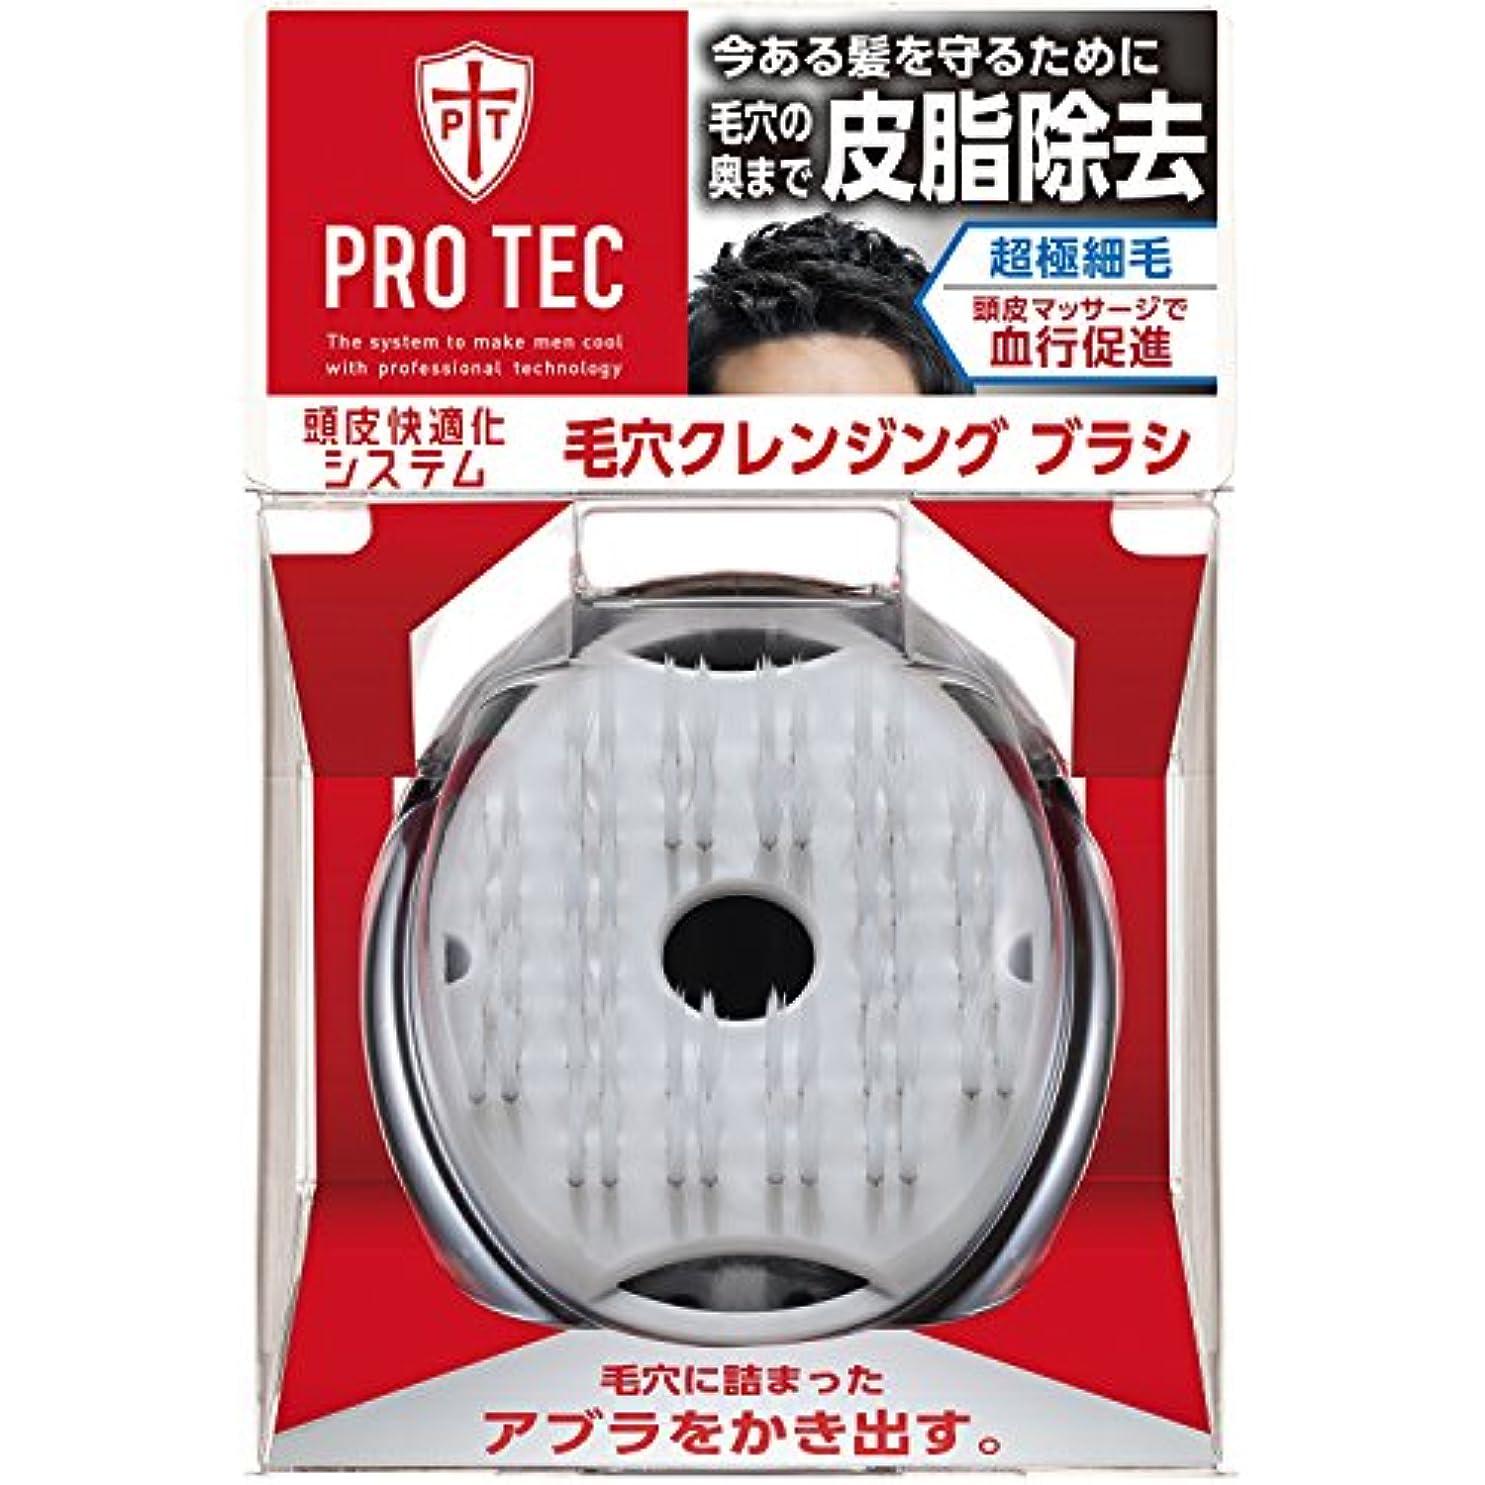 霜れる魅力的PRO TEC(プロテク) ウォッシングブラシ 毛穴クレンジングタイプ